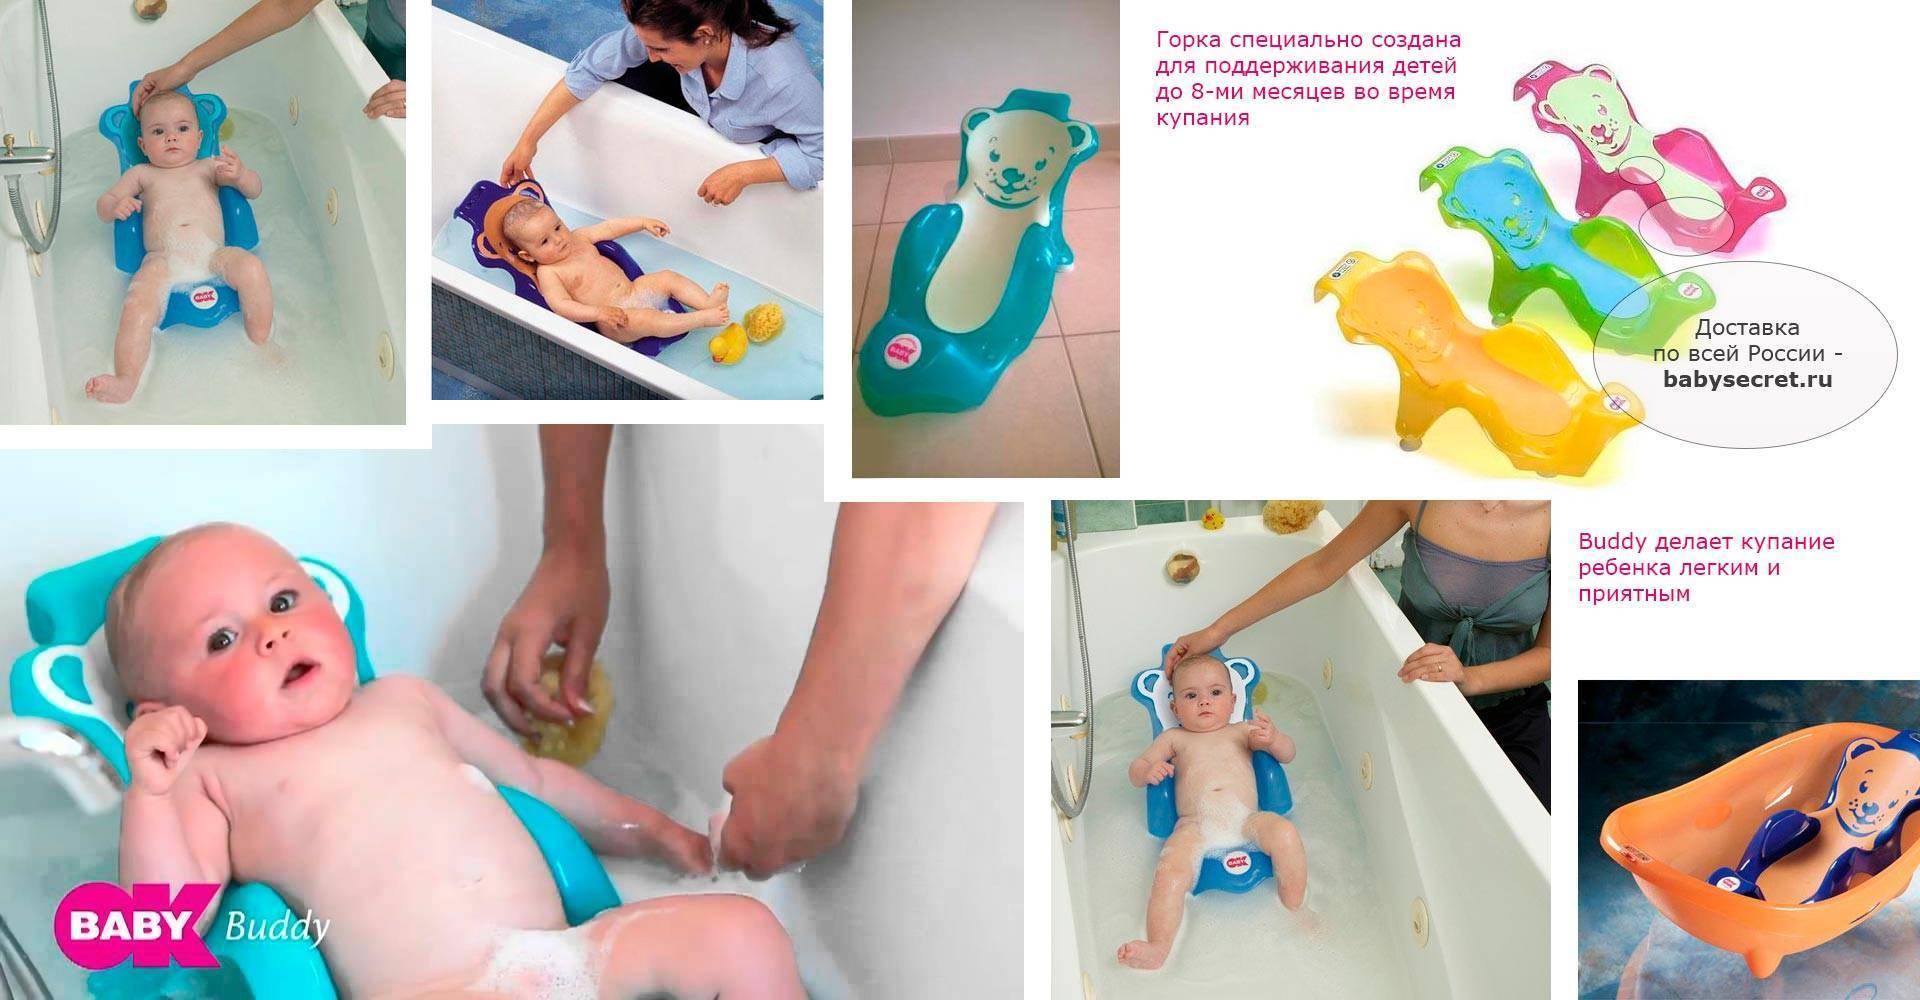 Купание новорожденного ребенка: как правильно купать малыша, как часто?